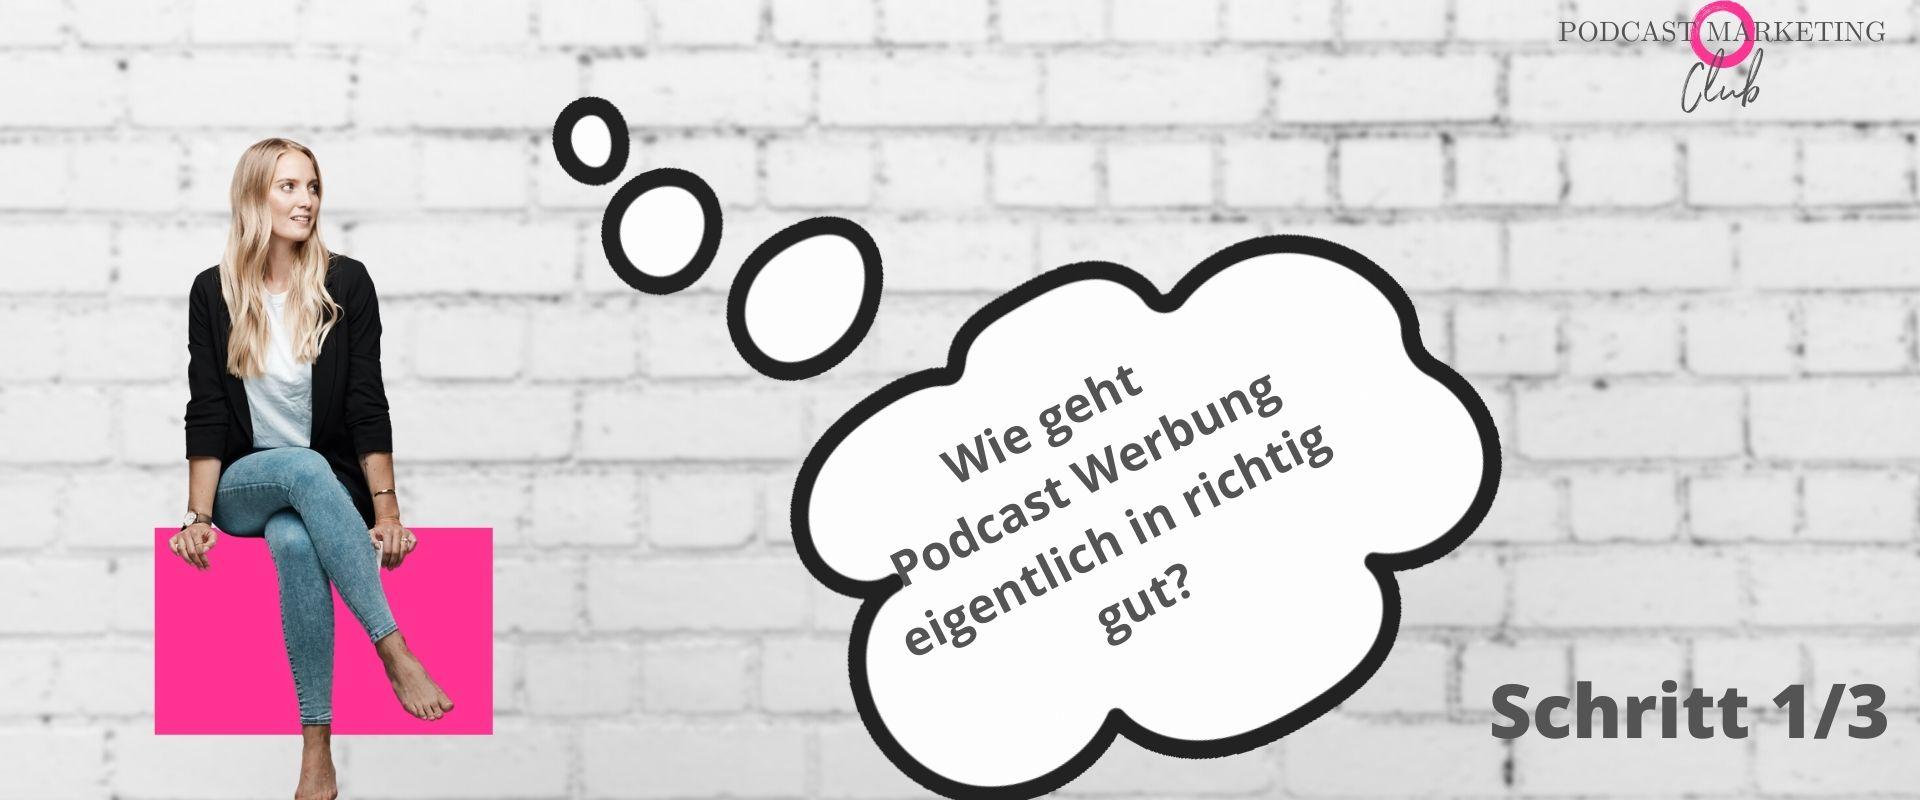 Effektive Podcast Werbung schalten 1/3